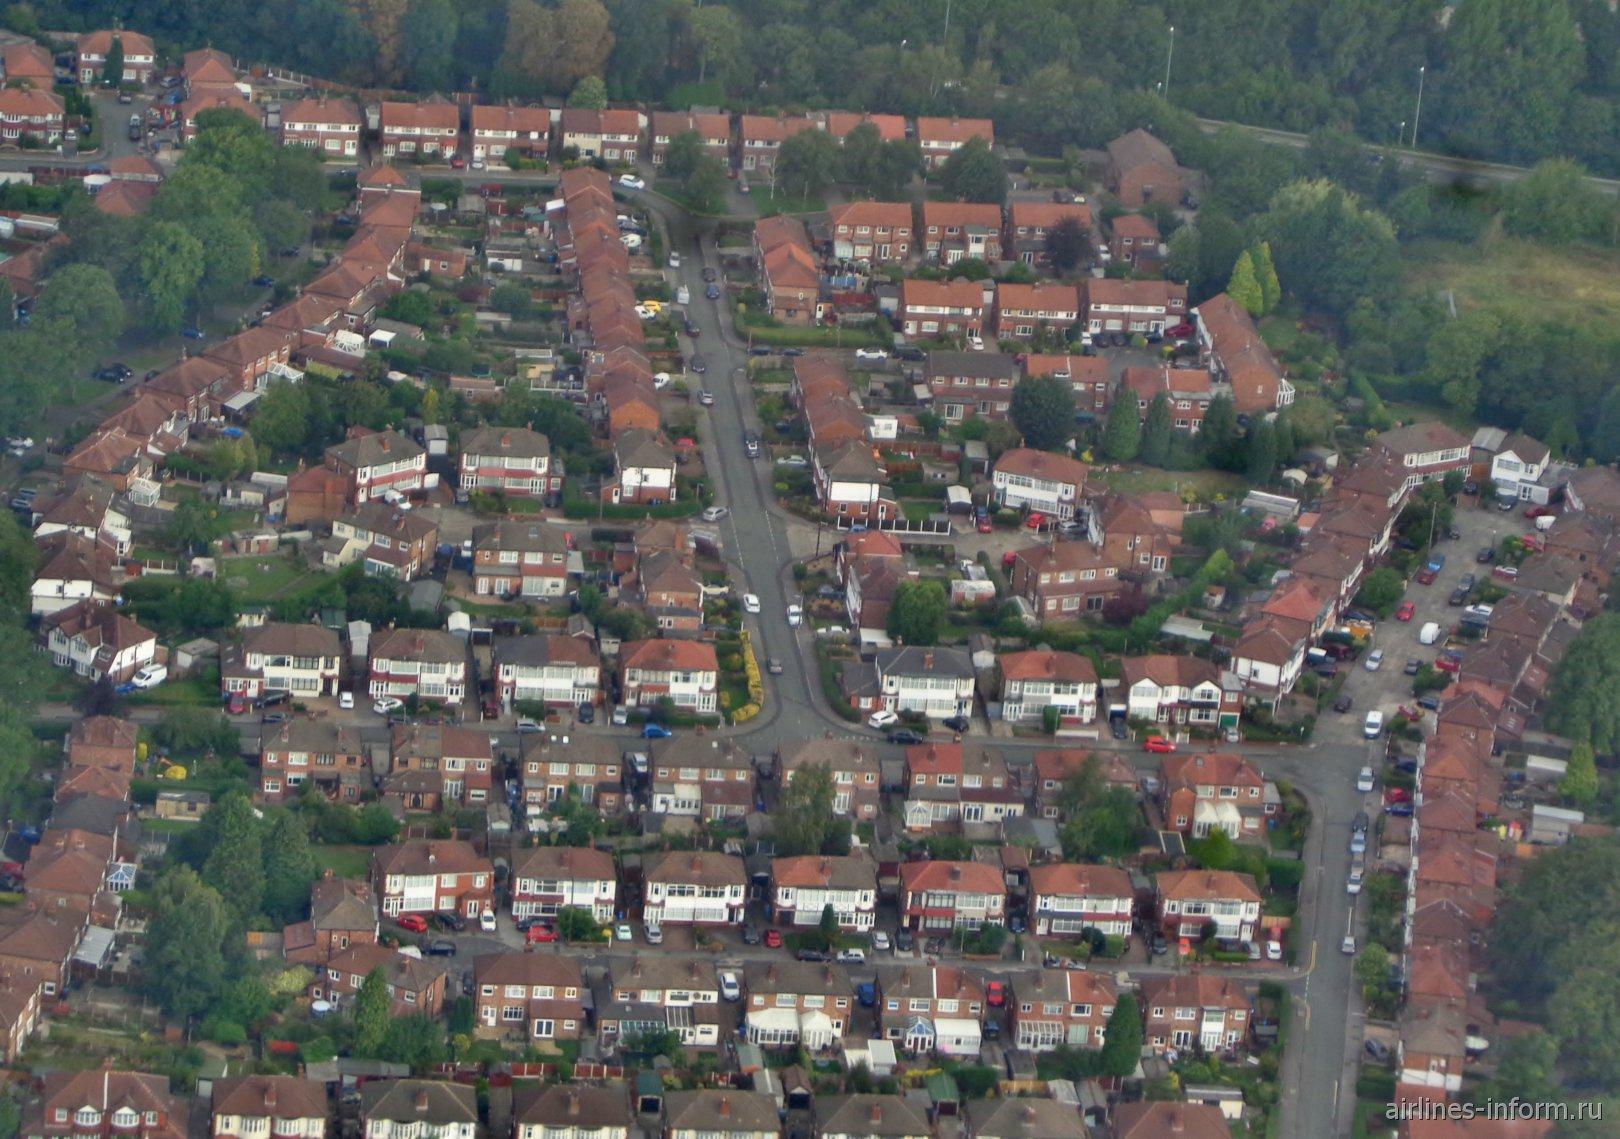 Жилые дома в пригороде Манчестера